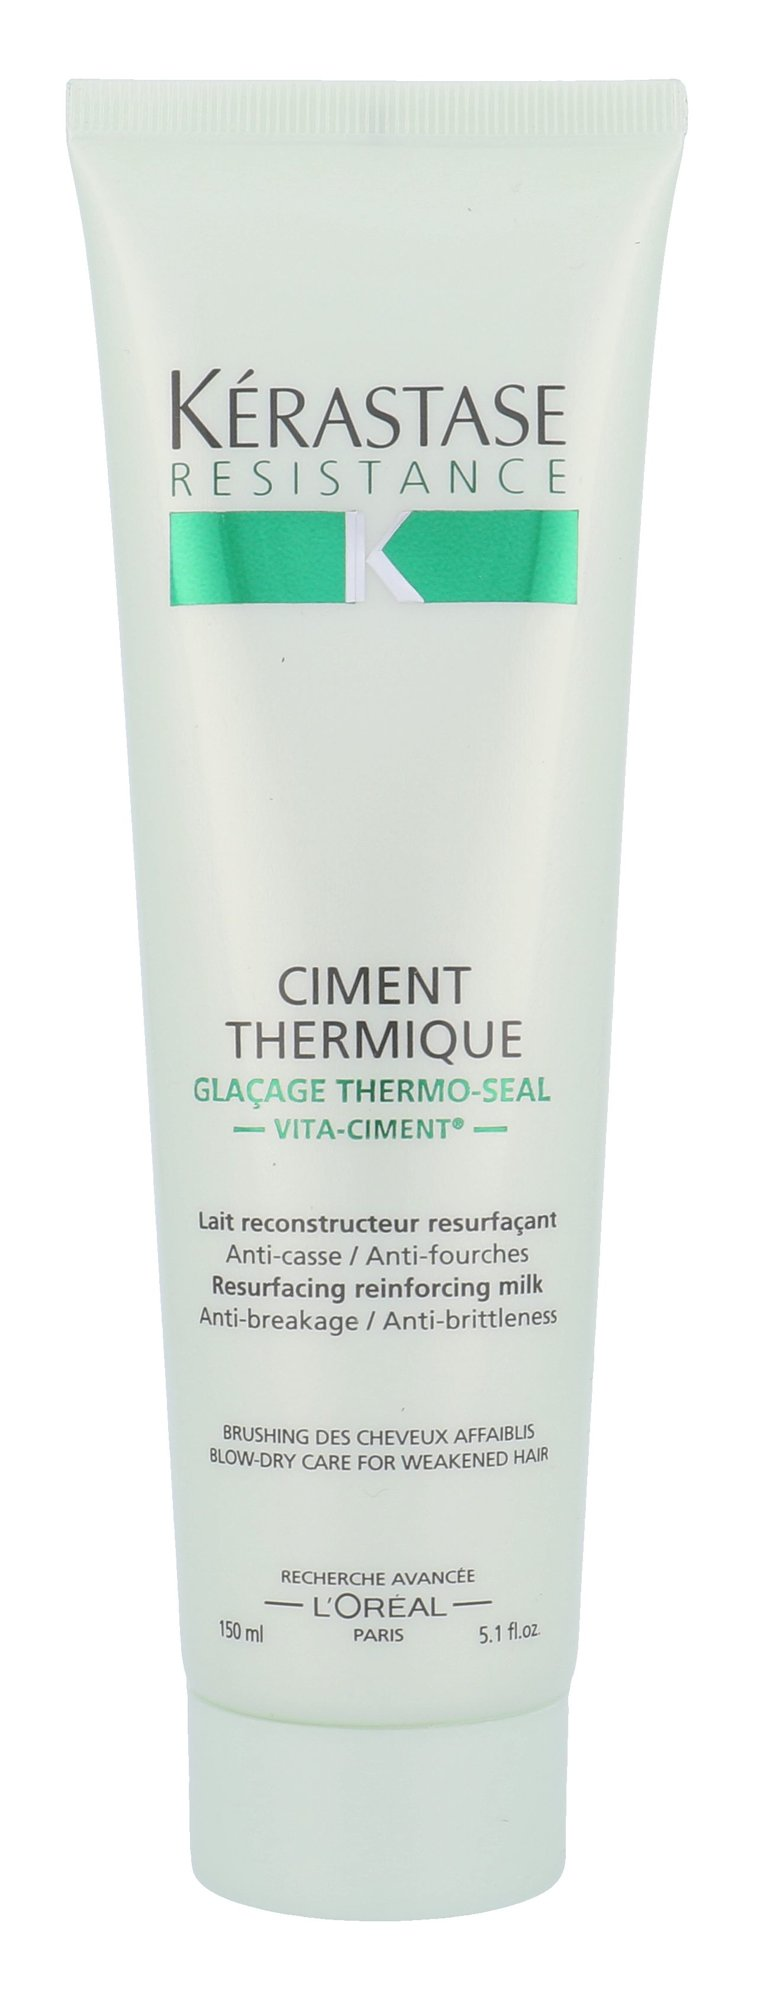 Kérastase Résistance Cosmetic 150ml